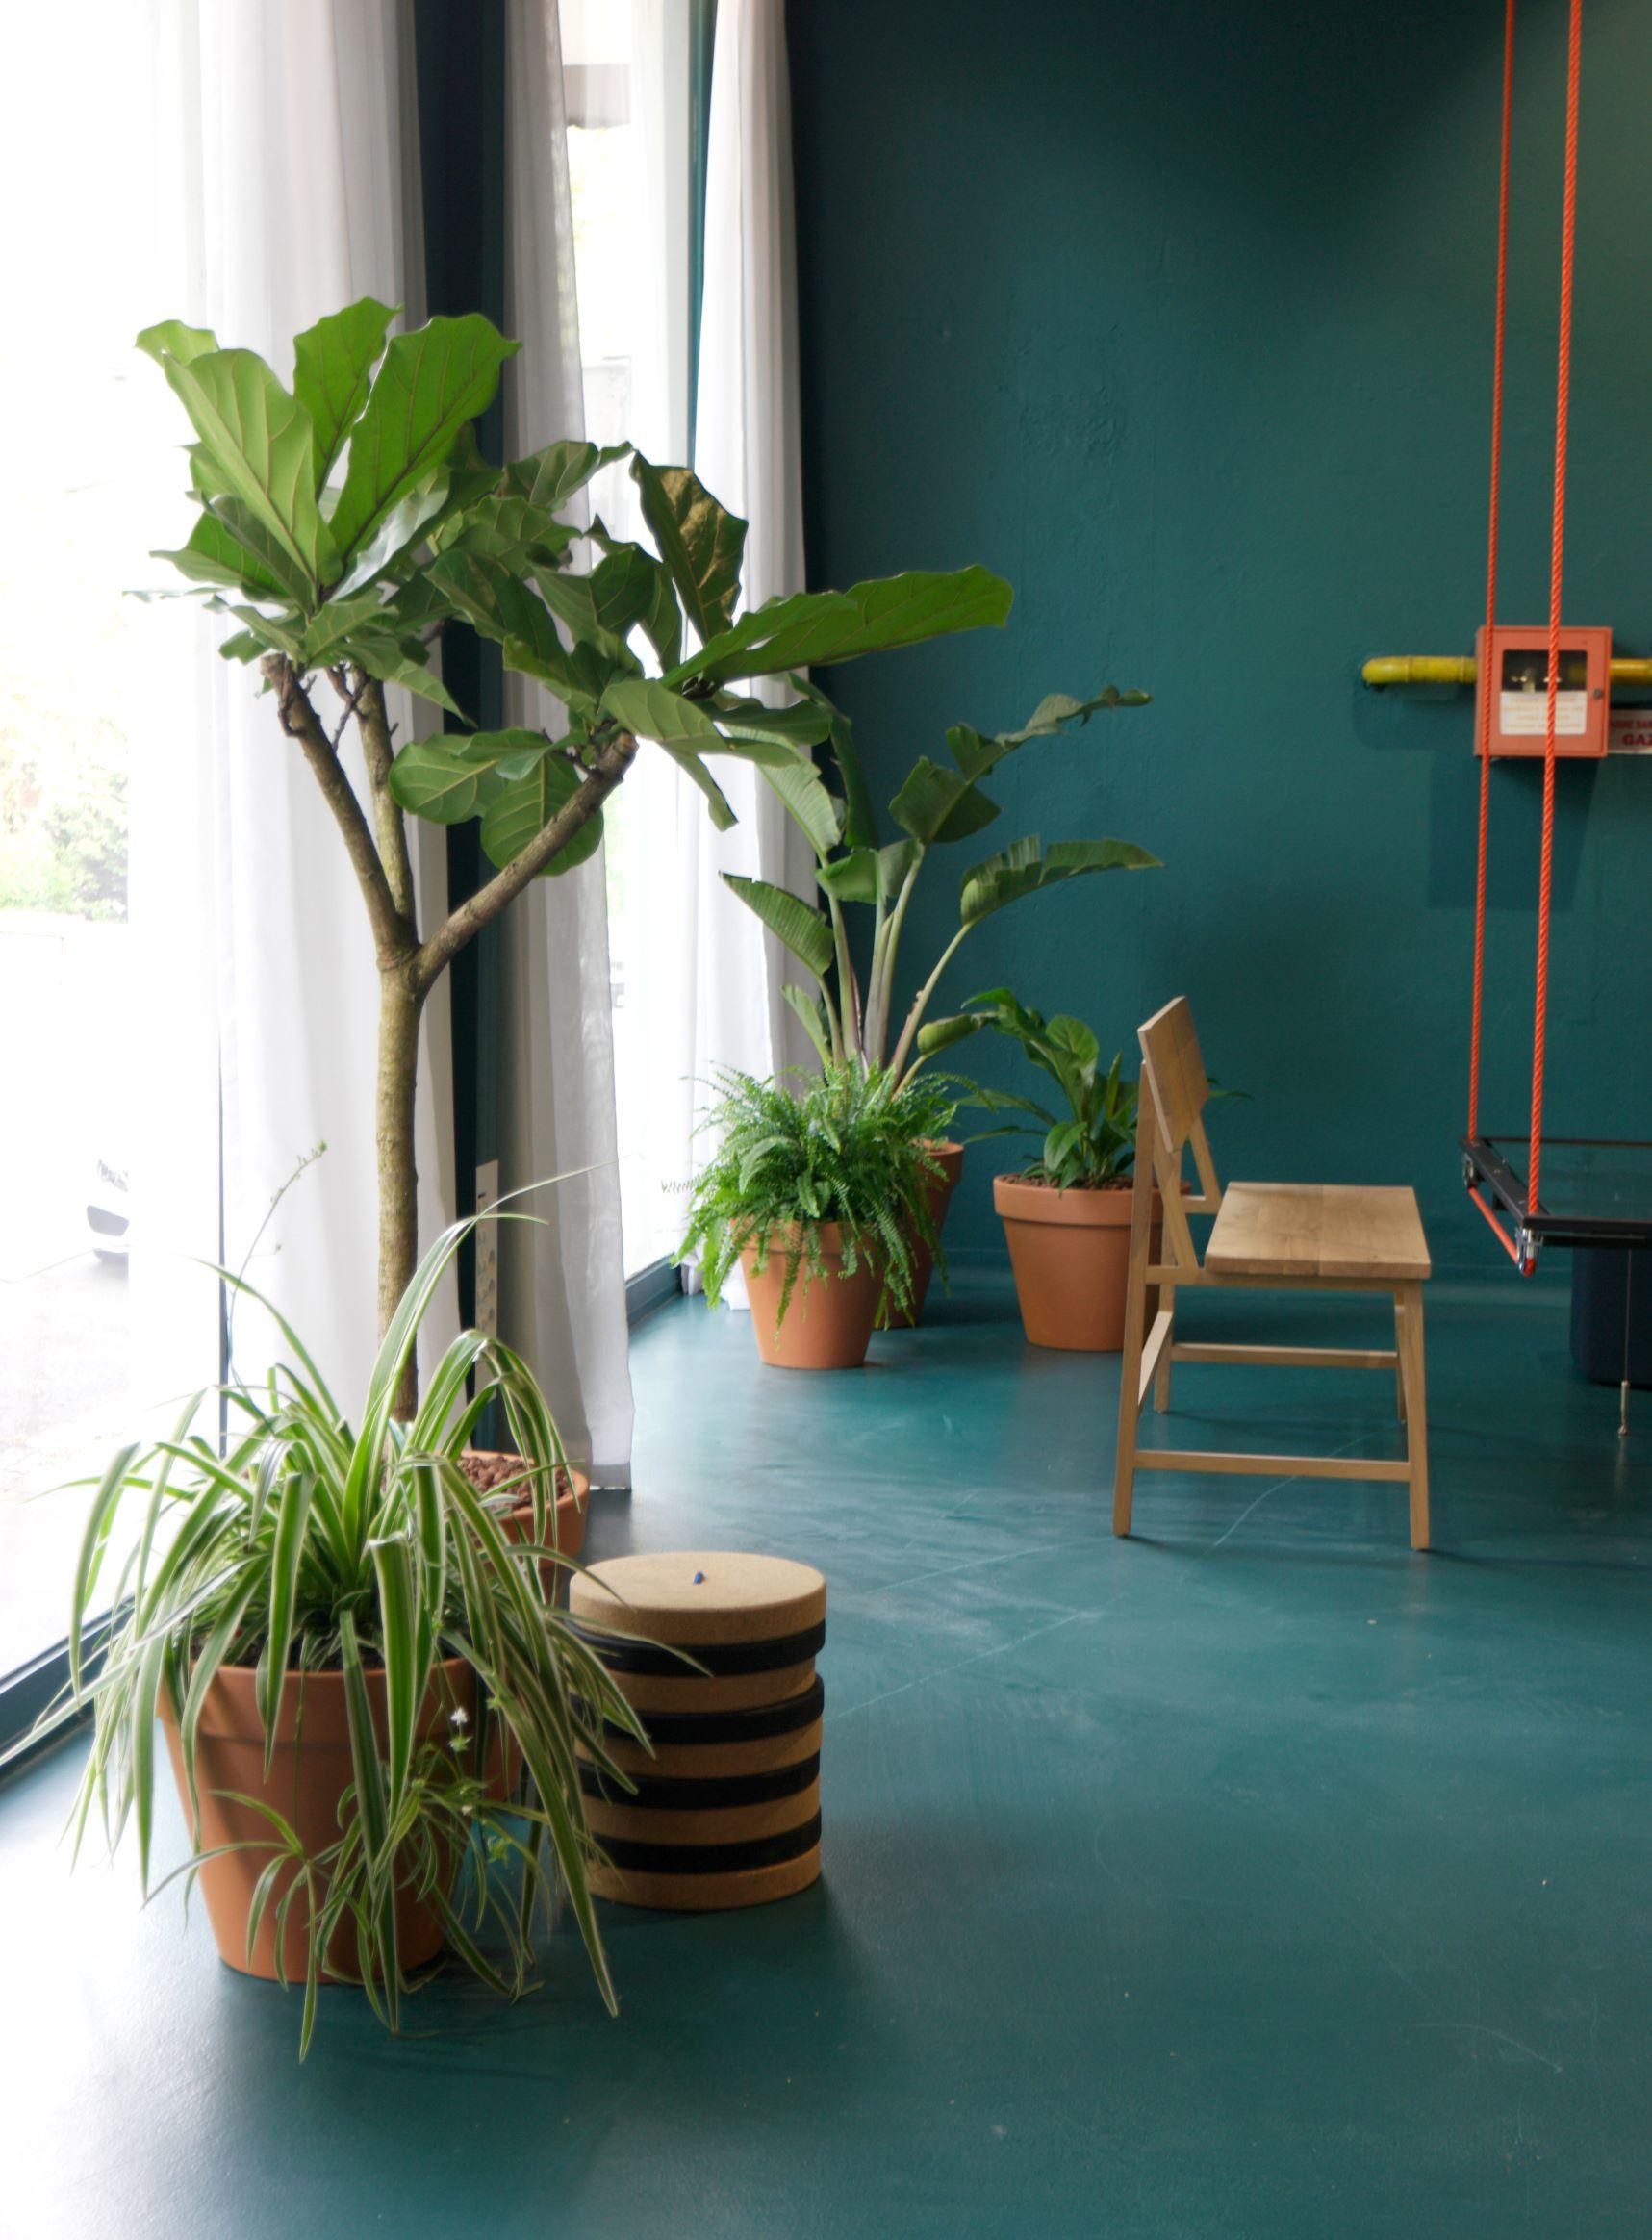 paysagisme d'intérieur et design végétal